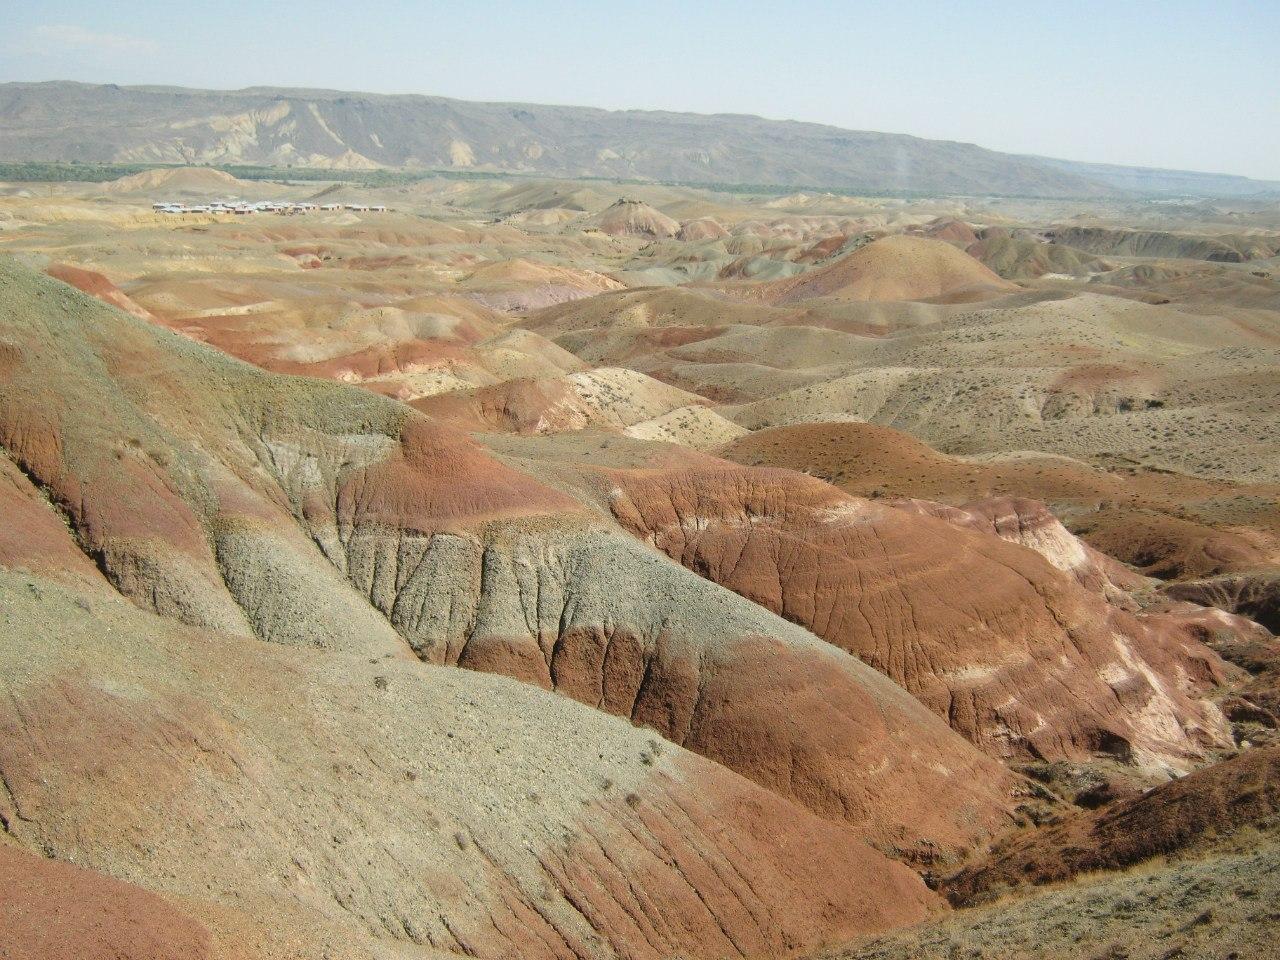 Красивые пейзажи (похожие на марсианские) в Турции